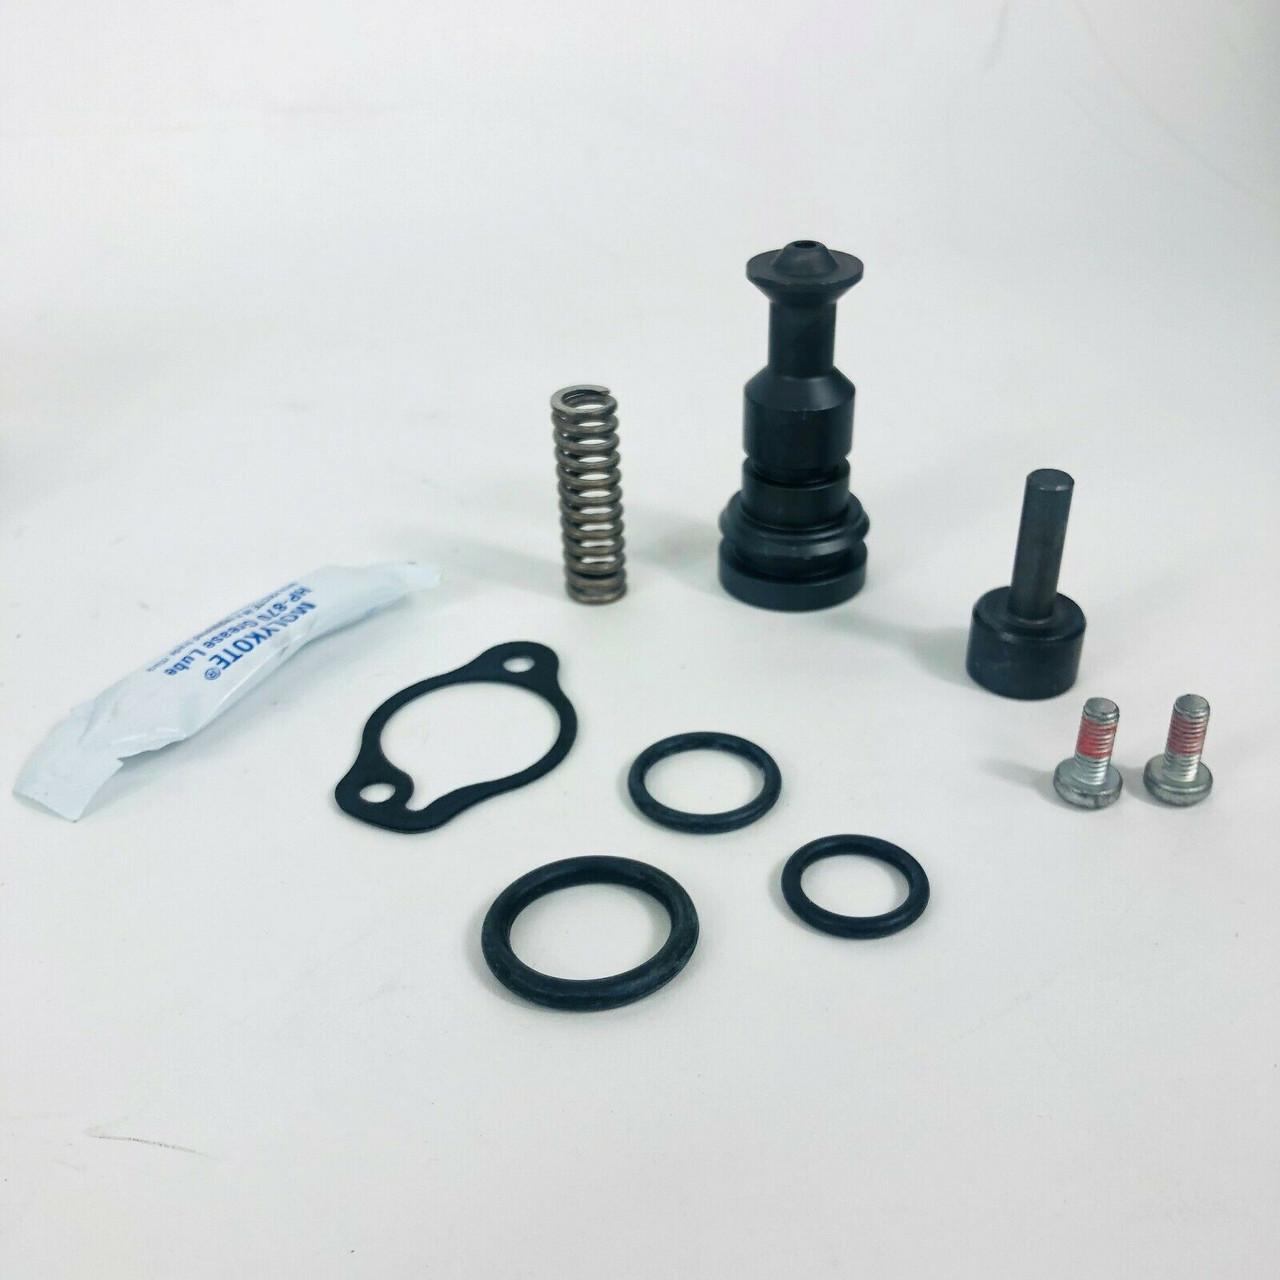 A//C Compressor Kit Fits Mazda Navajo 1992-1994 OEM FS10 1 Year Warranty 57132